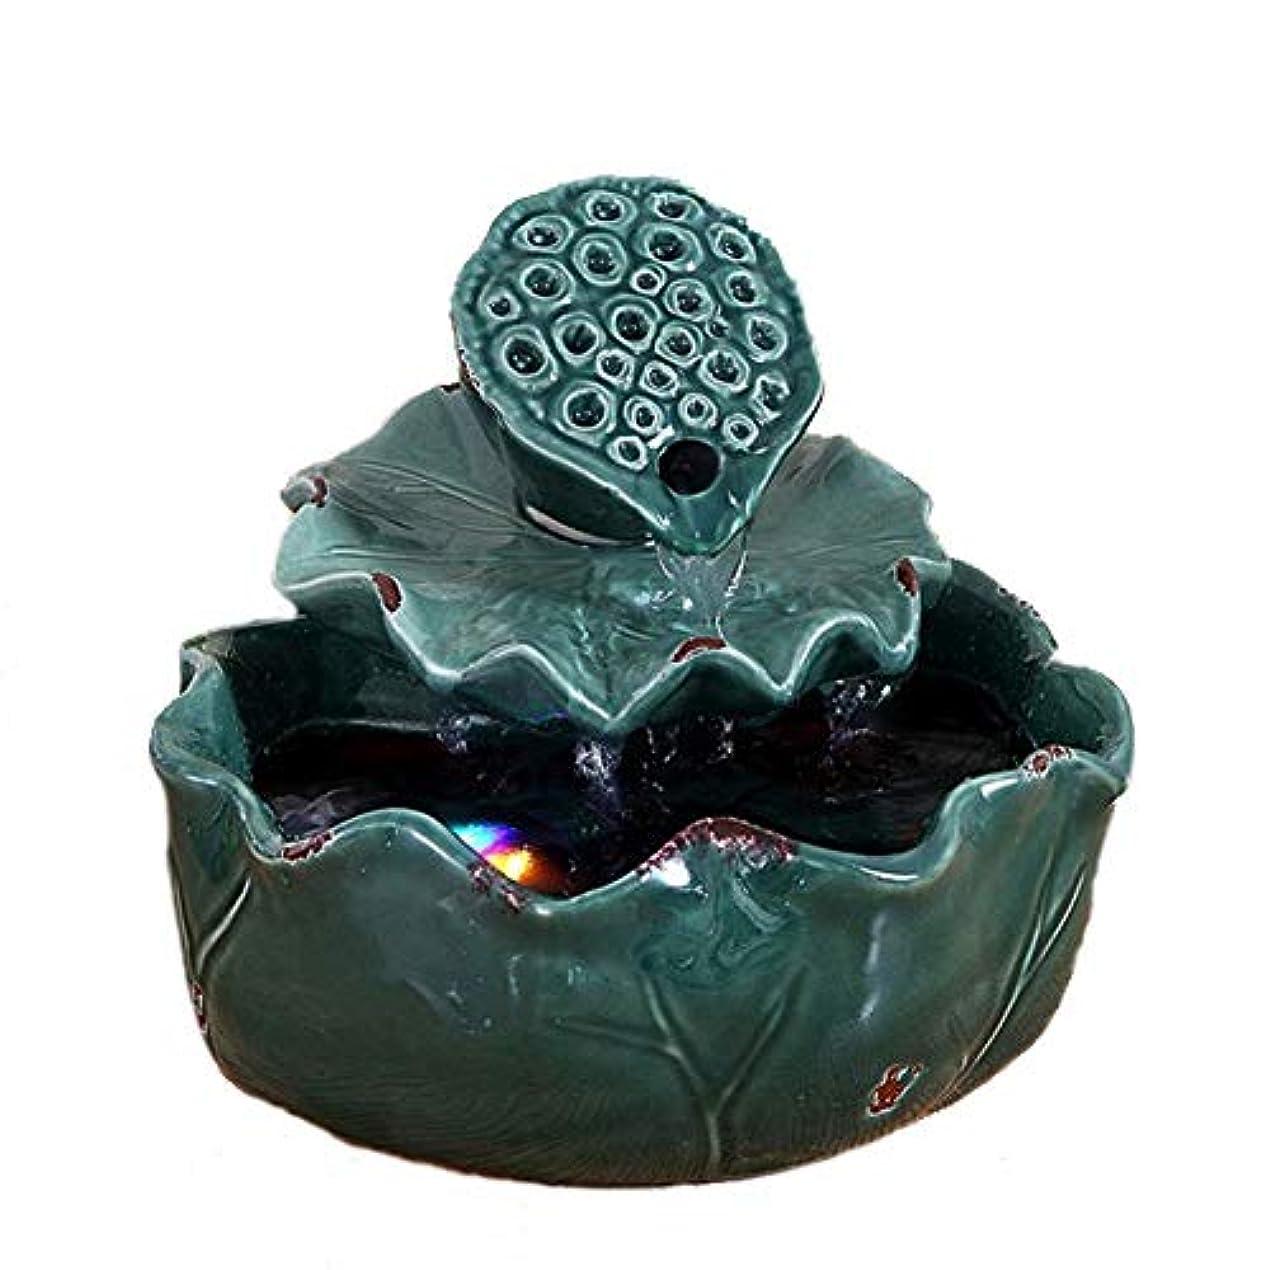 吸い込む予報トチの実の木空気加湿器クリエイティブロータス卓上装飾装飾セラミック工芸絶妙なギフト